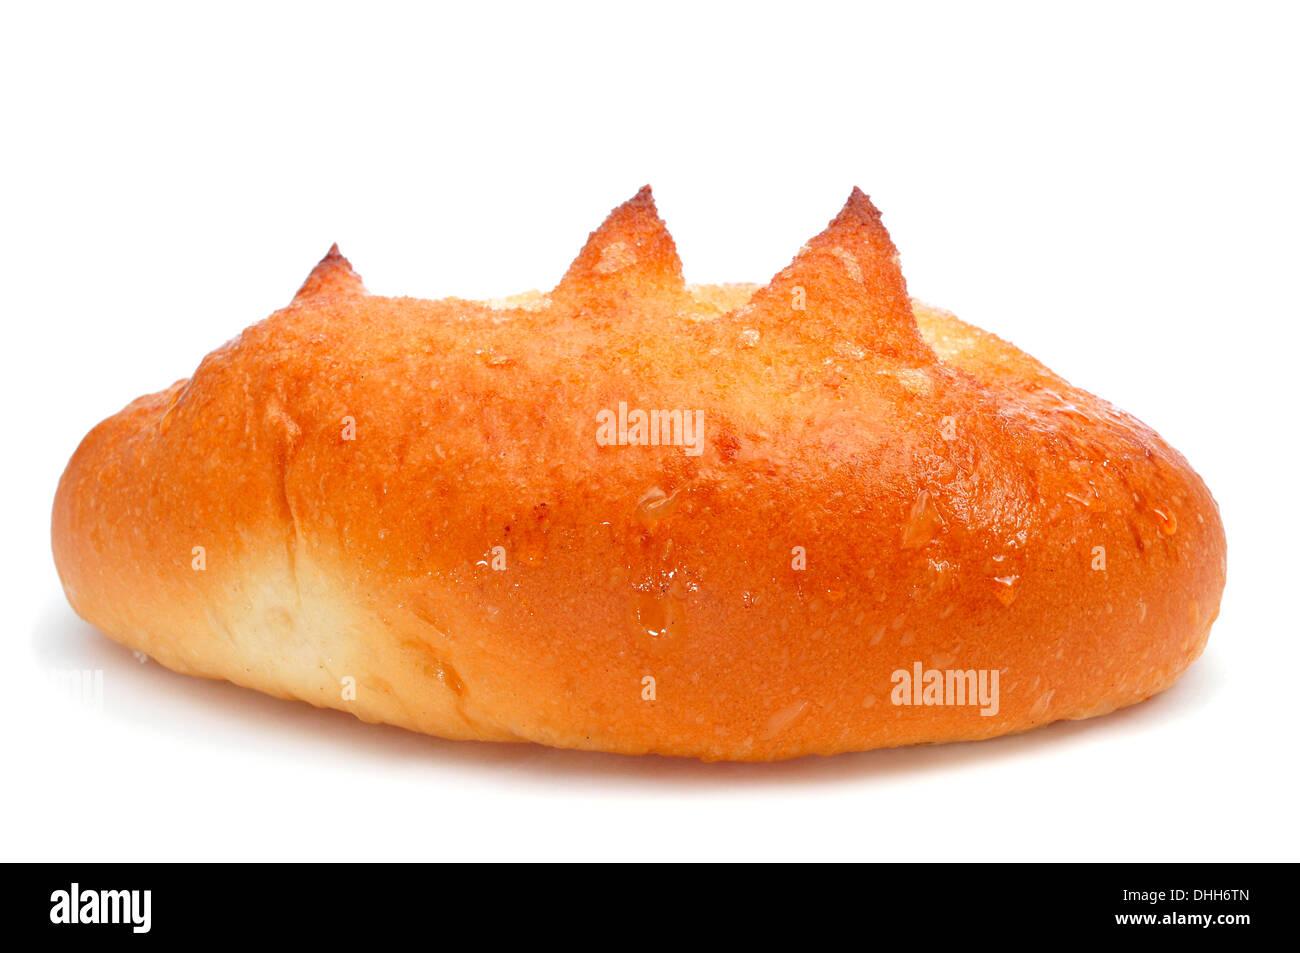 spanish bollo suizo, a brioche with sugar, on a white background - Stock Image